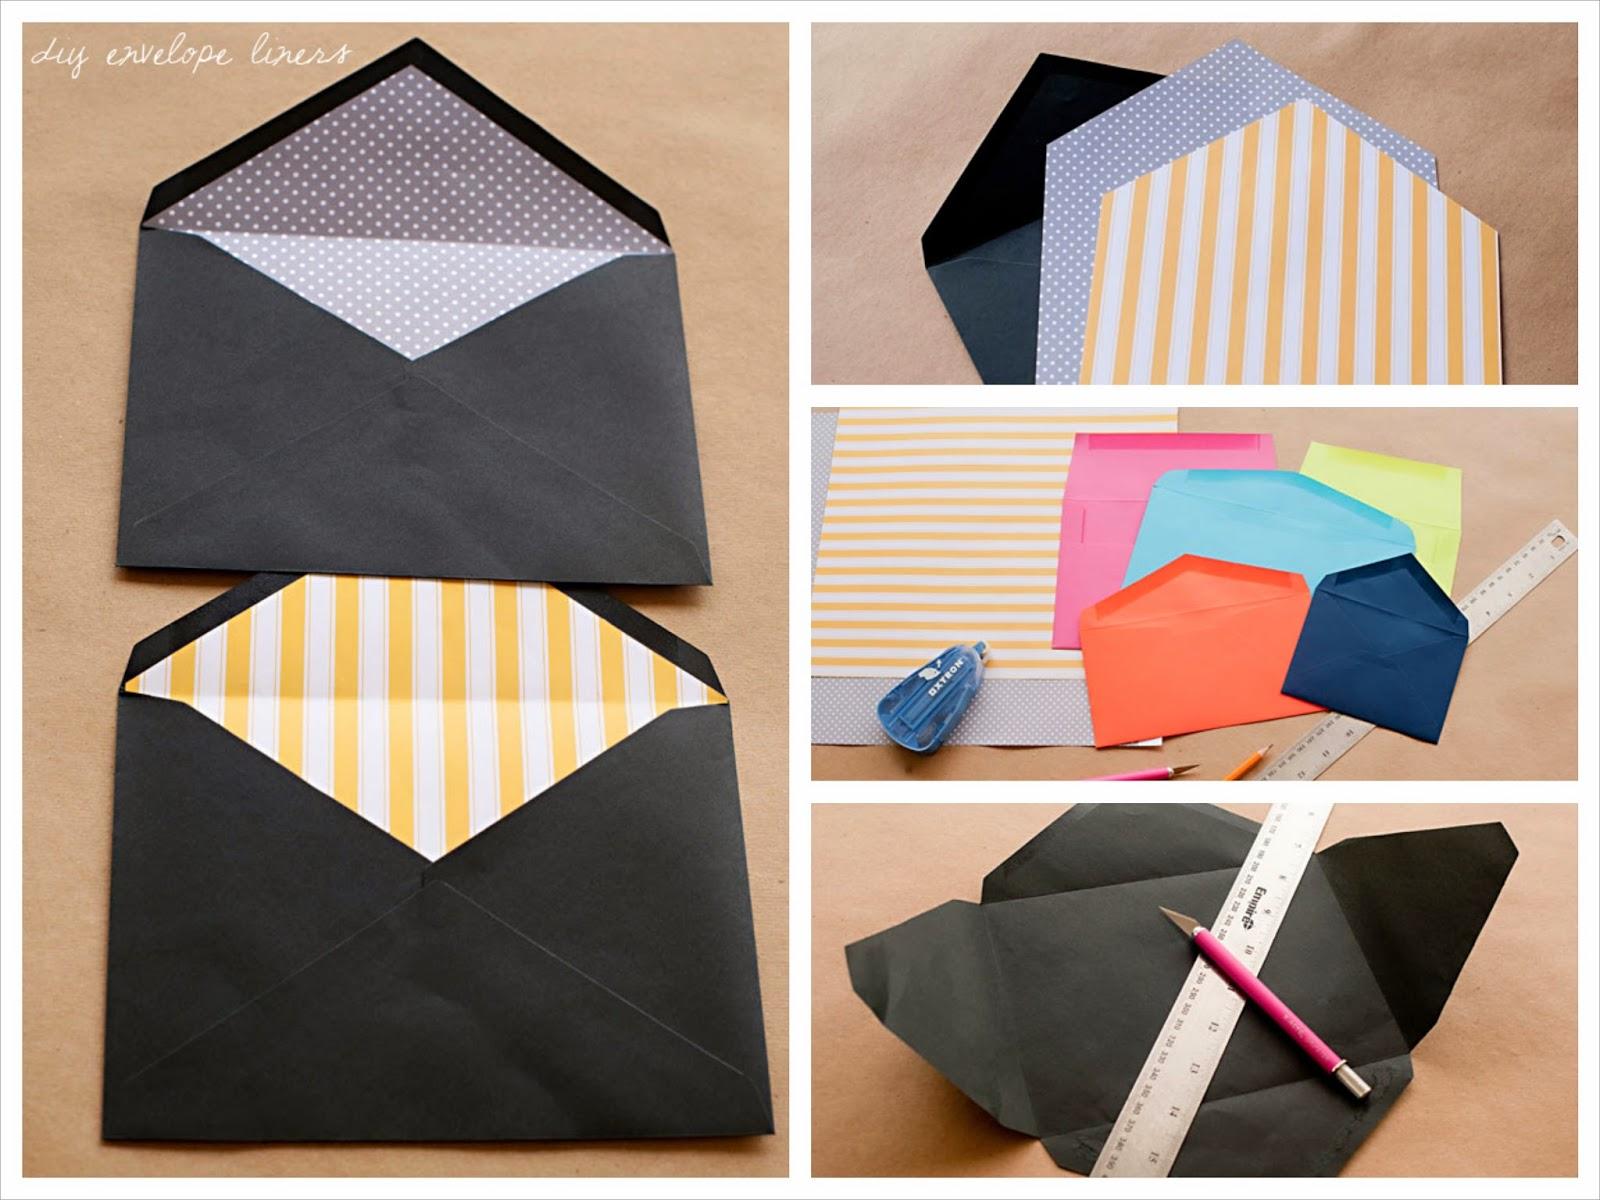 Cómo decorar la solapa de los sobres con papel decorados paso a paso